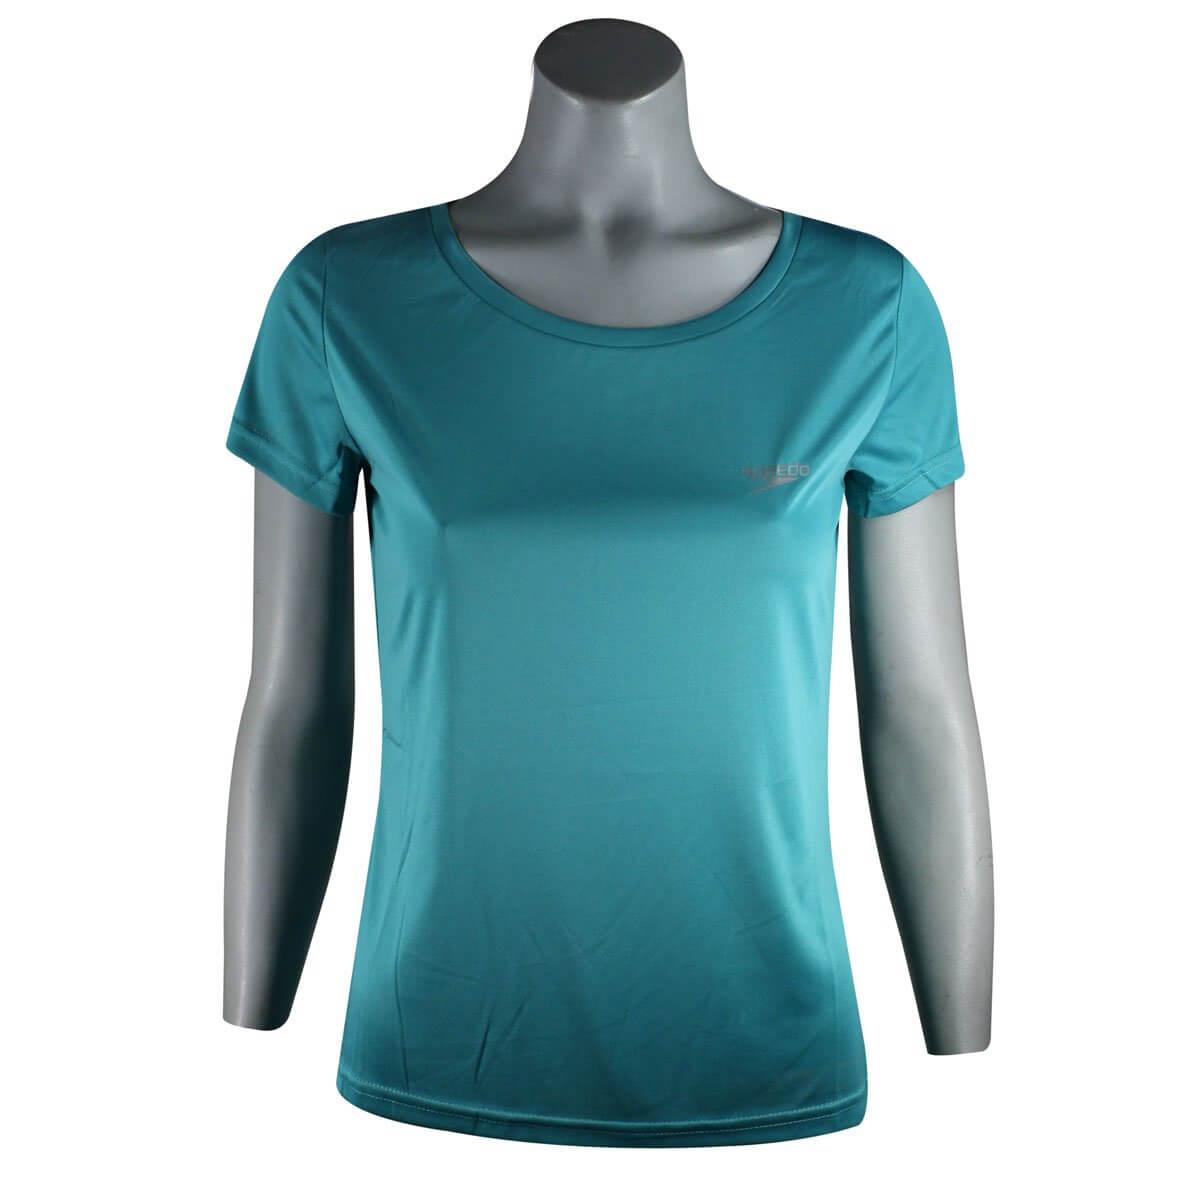 326f27cd1 Camiseta Feminina Speedo Interlock UV50 071337Q - Acqua - Calçados ...